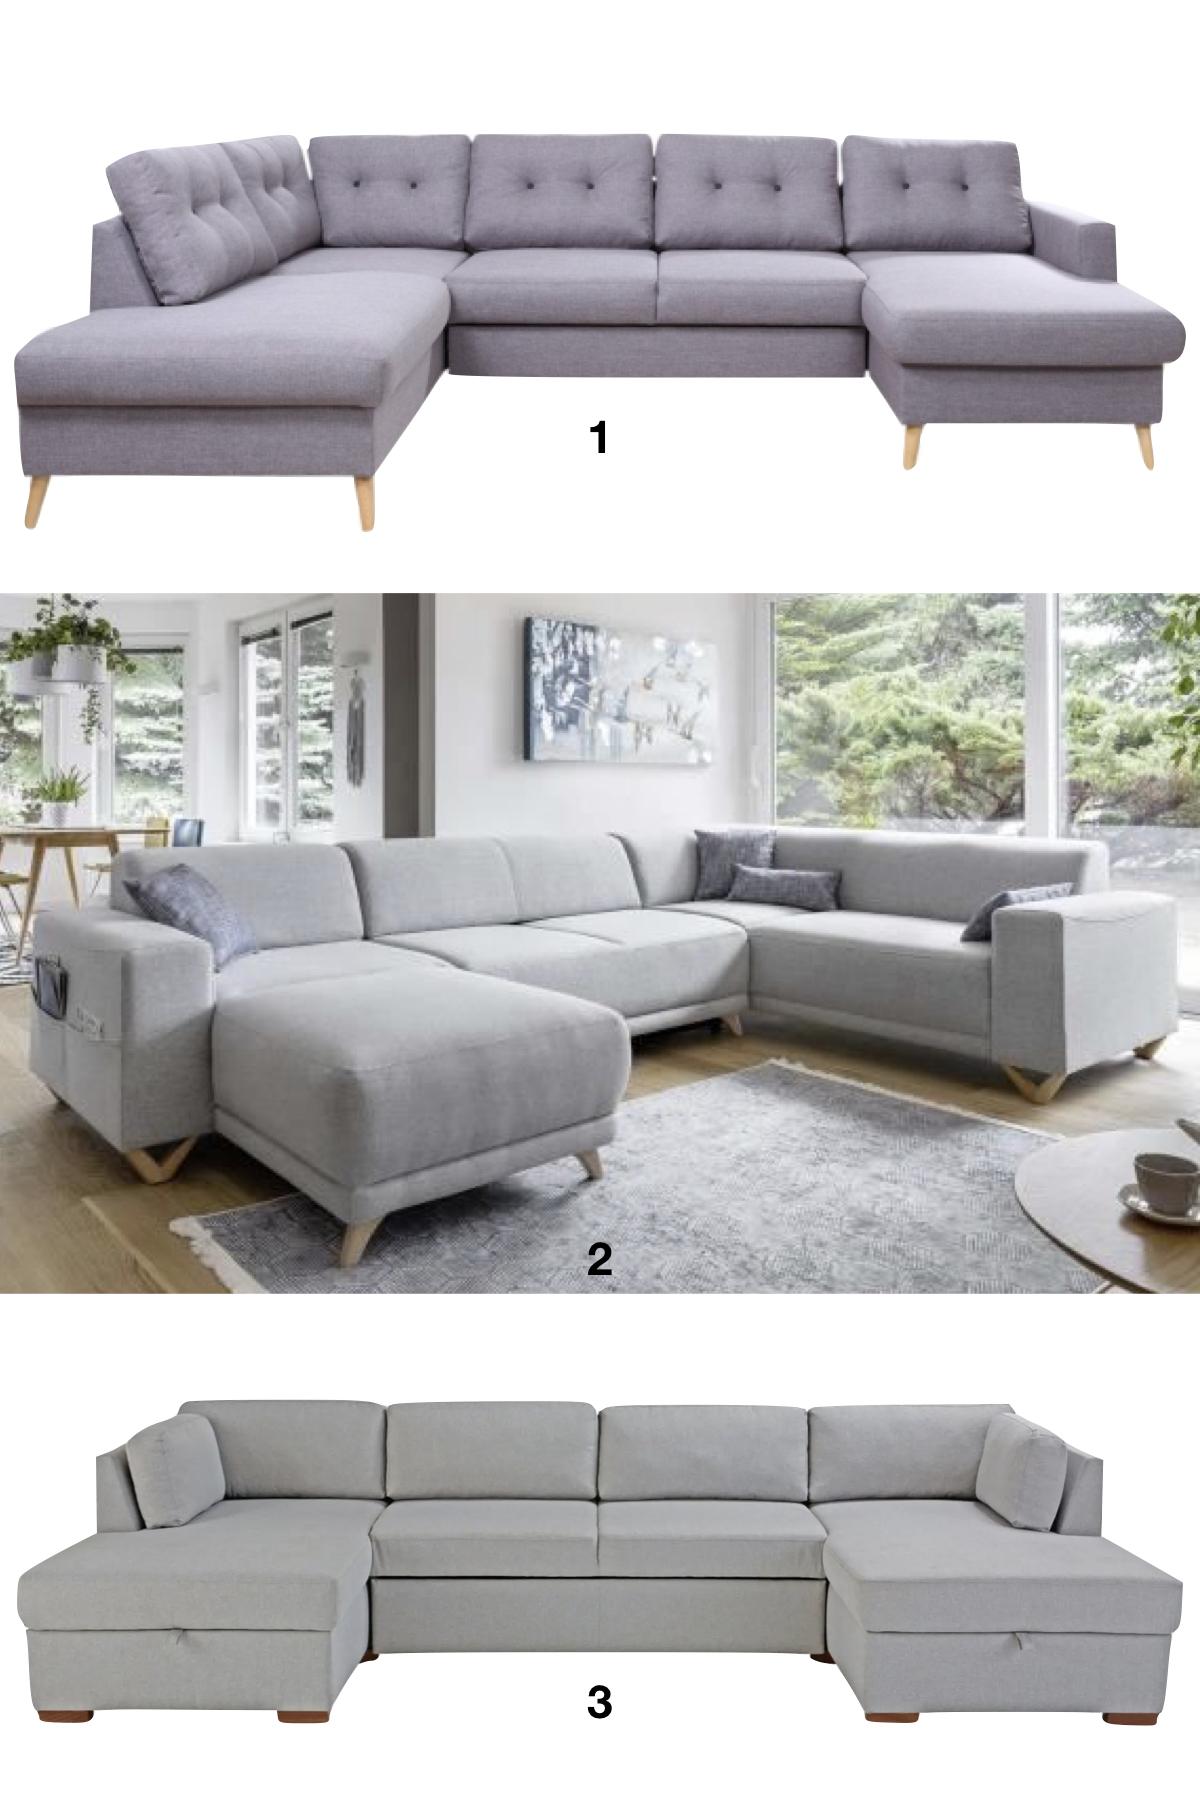 canapé panoramique style scandinave pieds bois revêtement gris déco tendance - blog déco - clemaroundthecorner